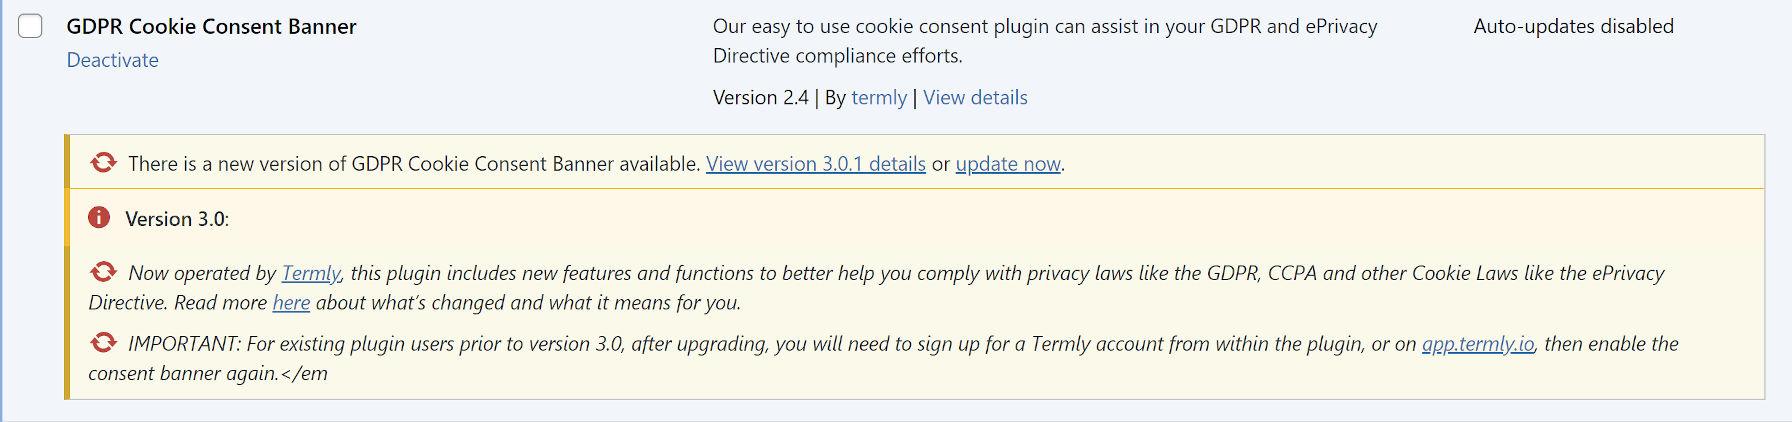 Avviso dell'amministratore dal plug-in di consenso sui cookie GDPR prima dell'aggiornamento a 3.0.